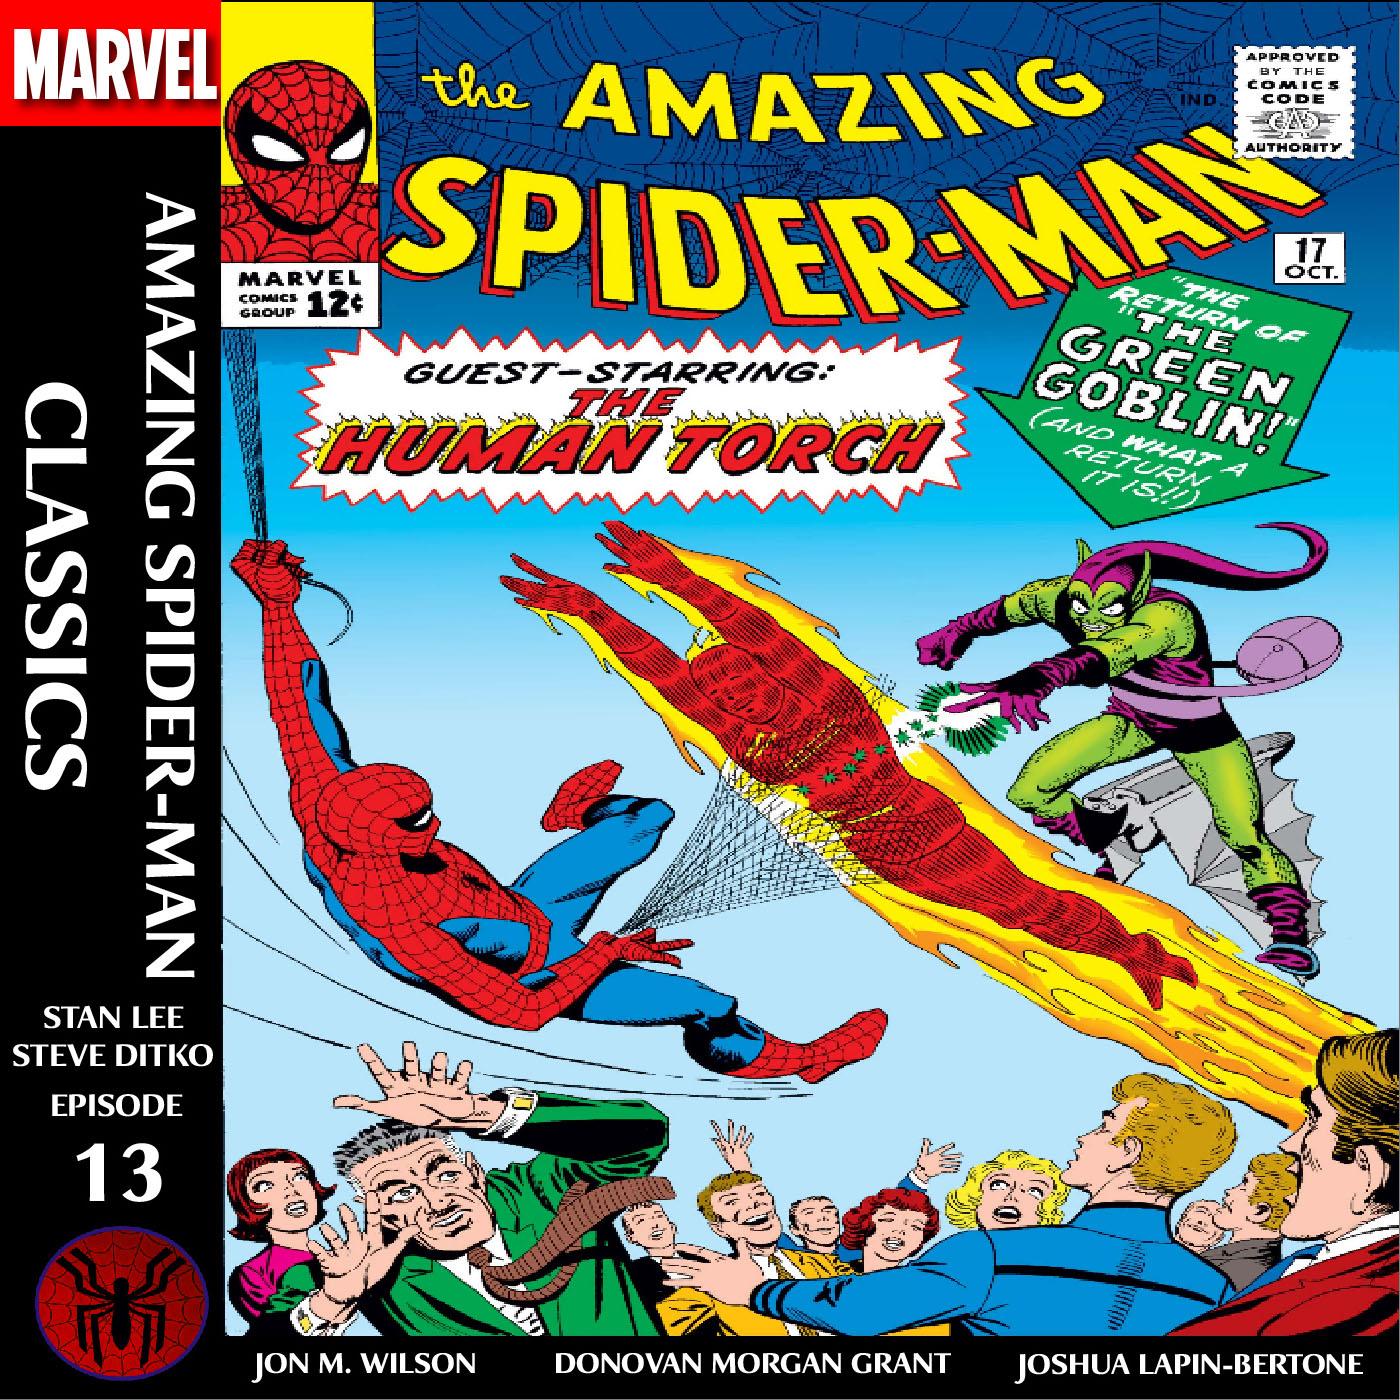 ASM Classics Episode 13: Amazing Spider-Man 17